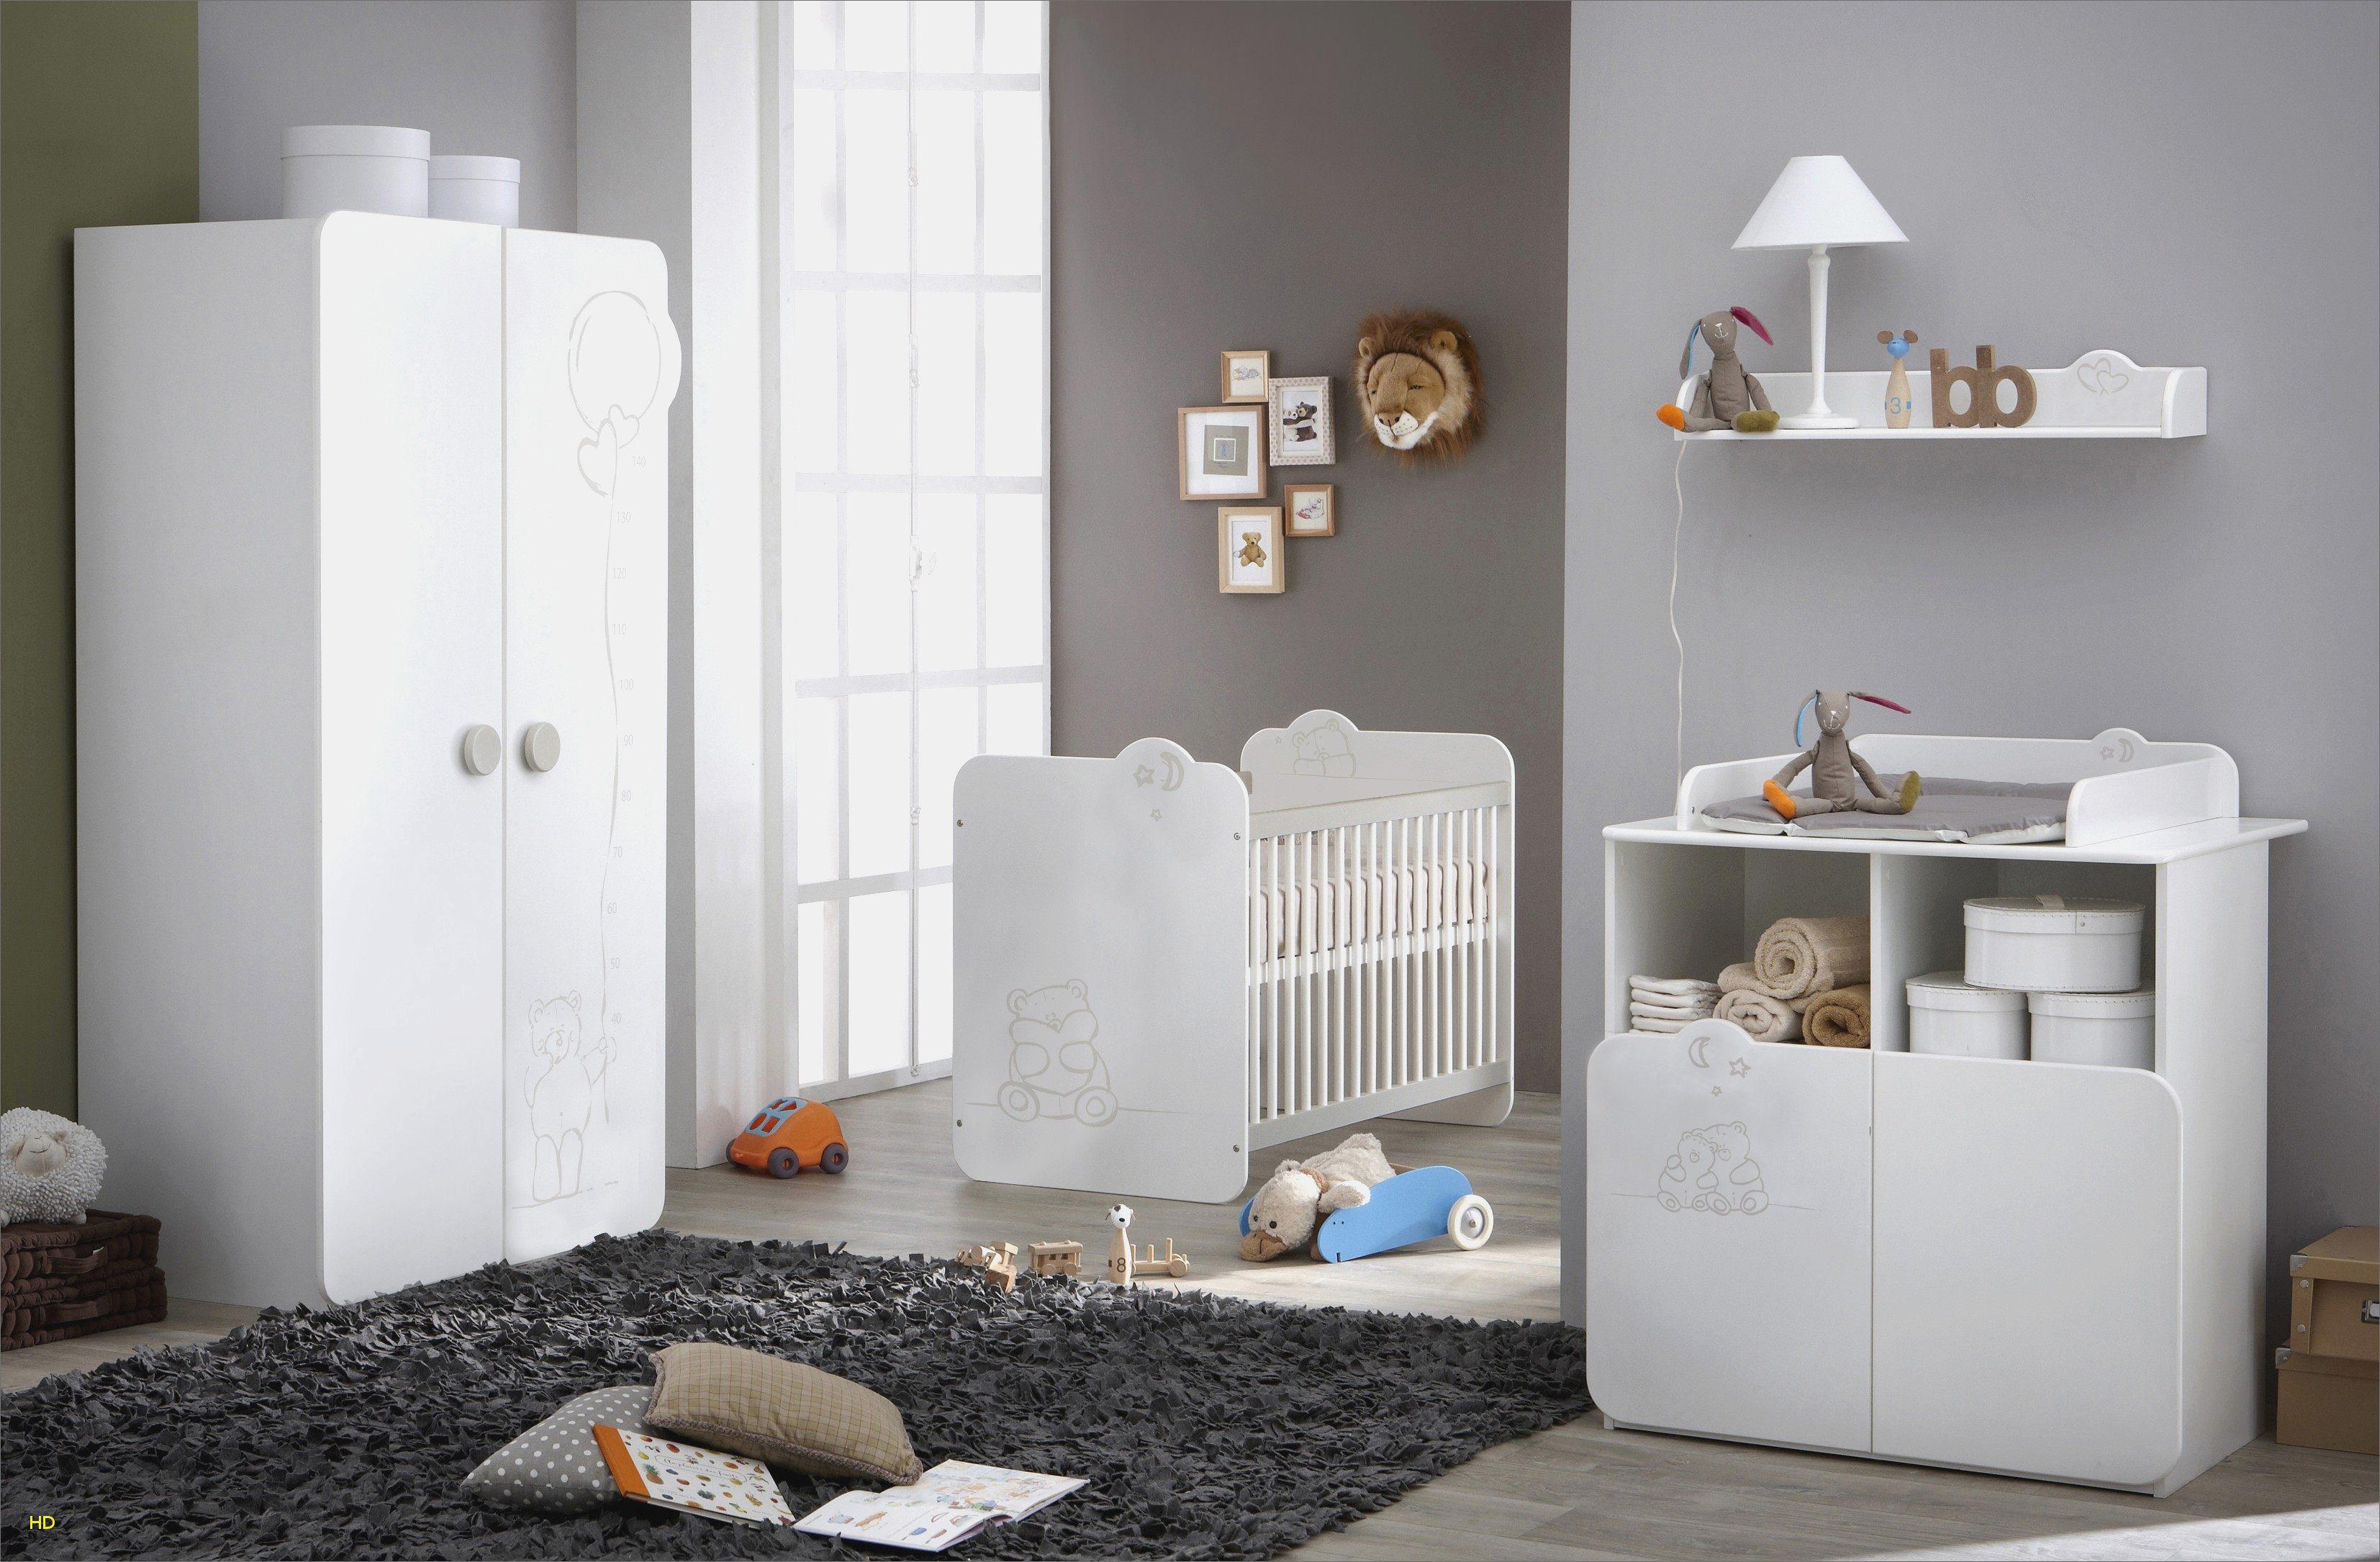 Lit Blanc Bebe Meilleur De Meuble De Chambre En Bois Chambre Enfant Scandinave Charmant Chambre